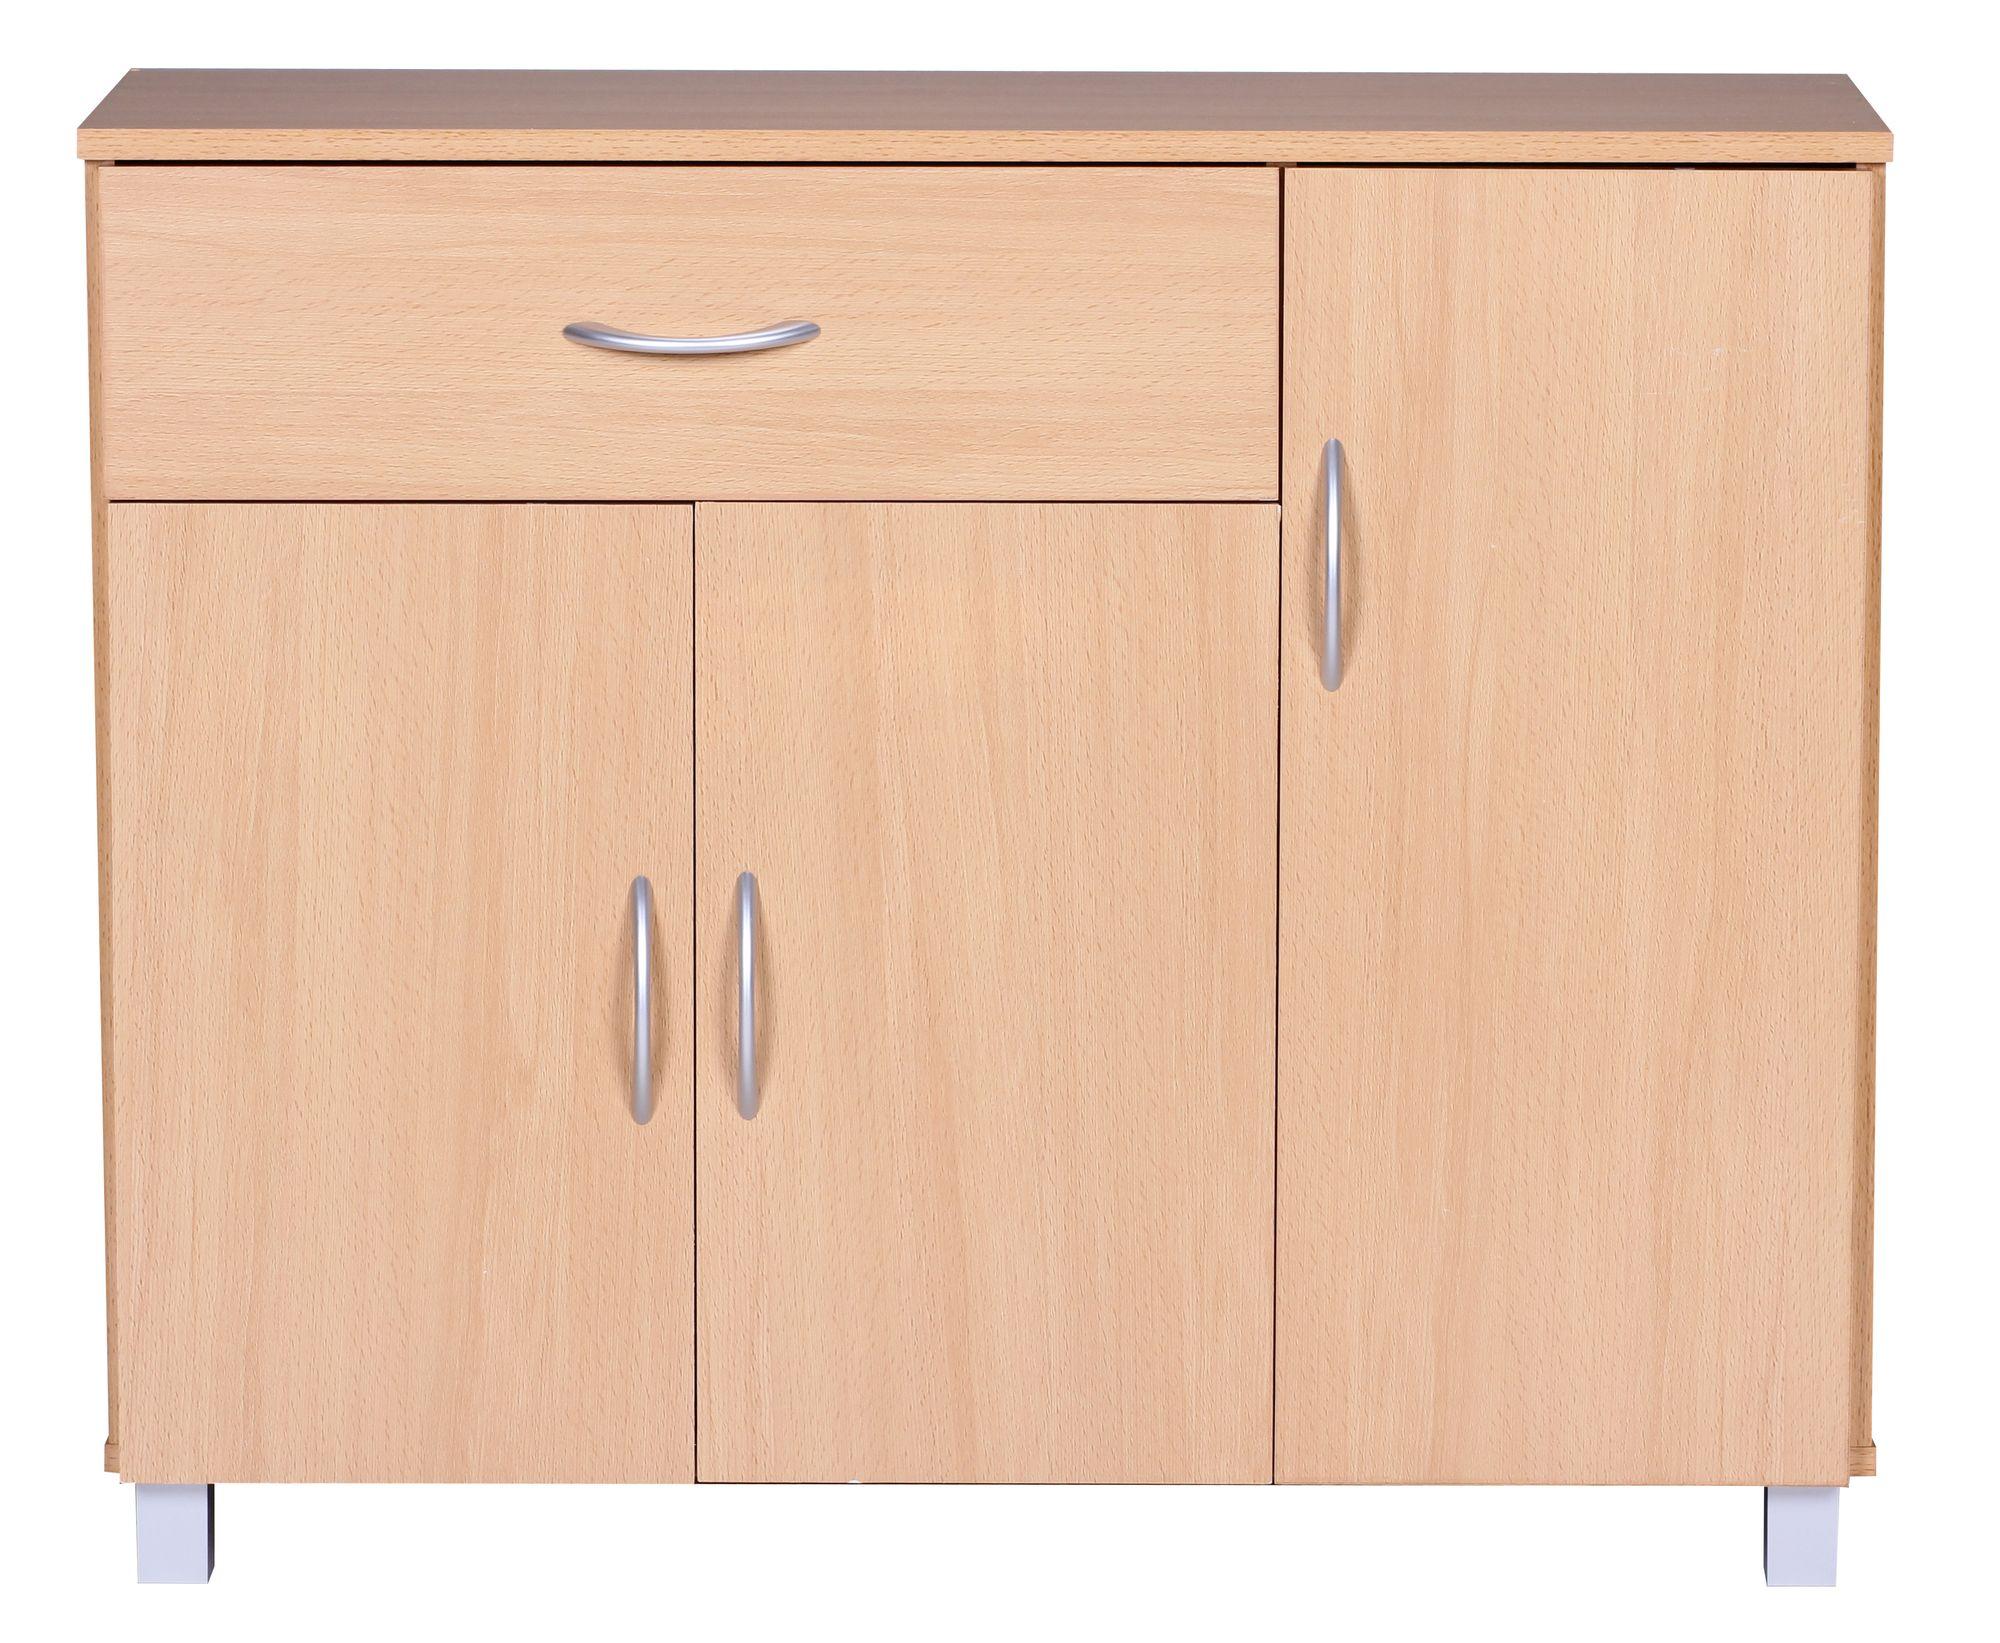 Anspruchsvoll Sideboard Buche Weiß Das Beste Von Finebuy 90 X 75 X 30 Cm